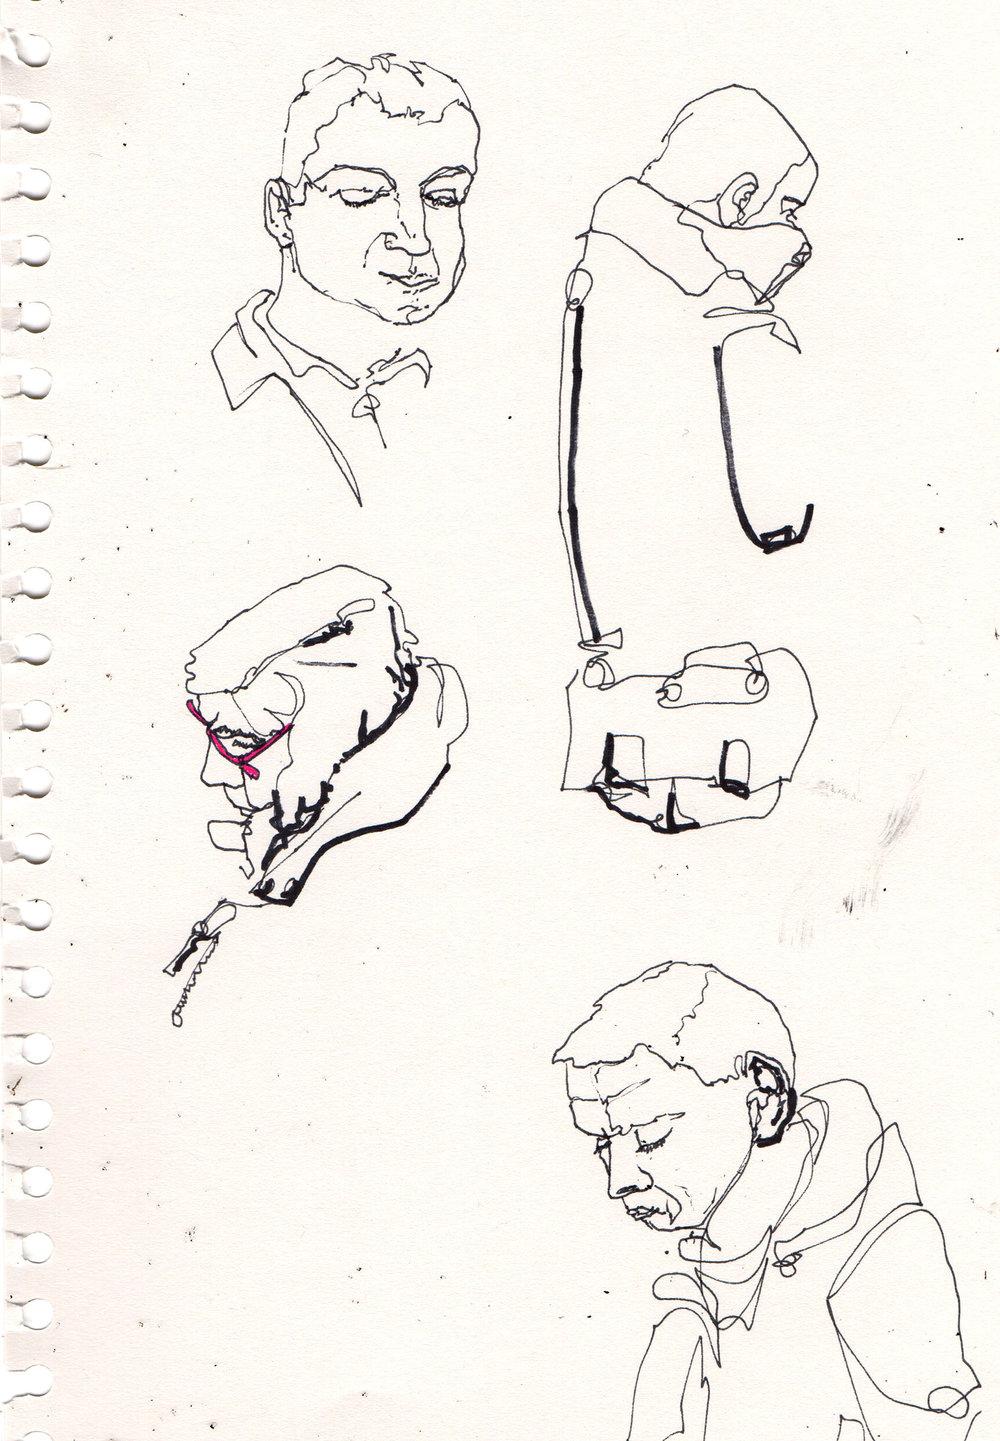 Whiten_sketchbook_drawing_illustration.jpeg